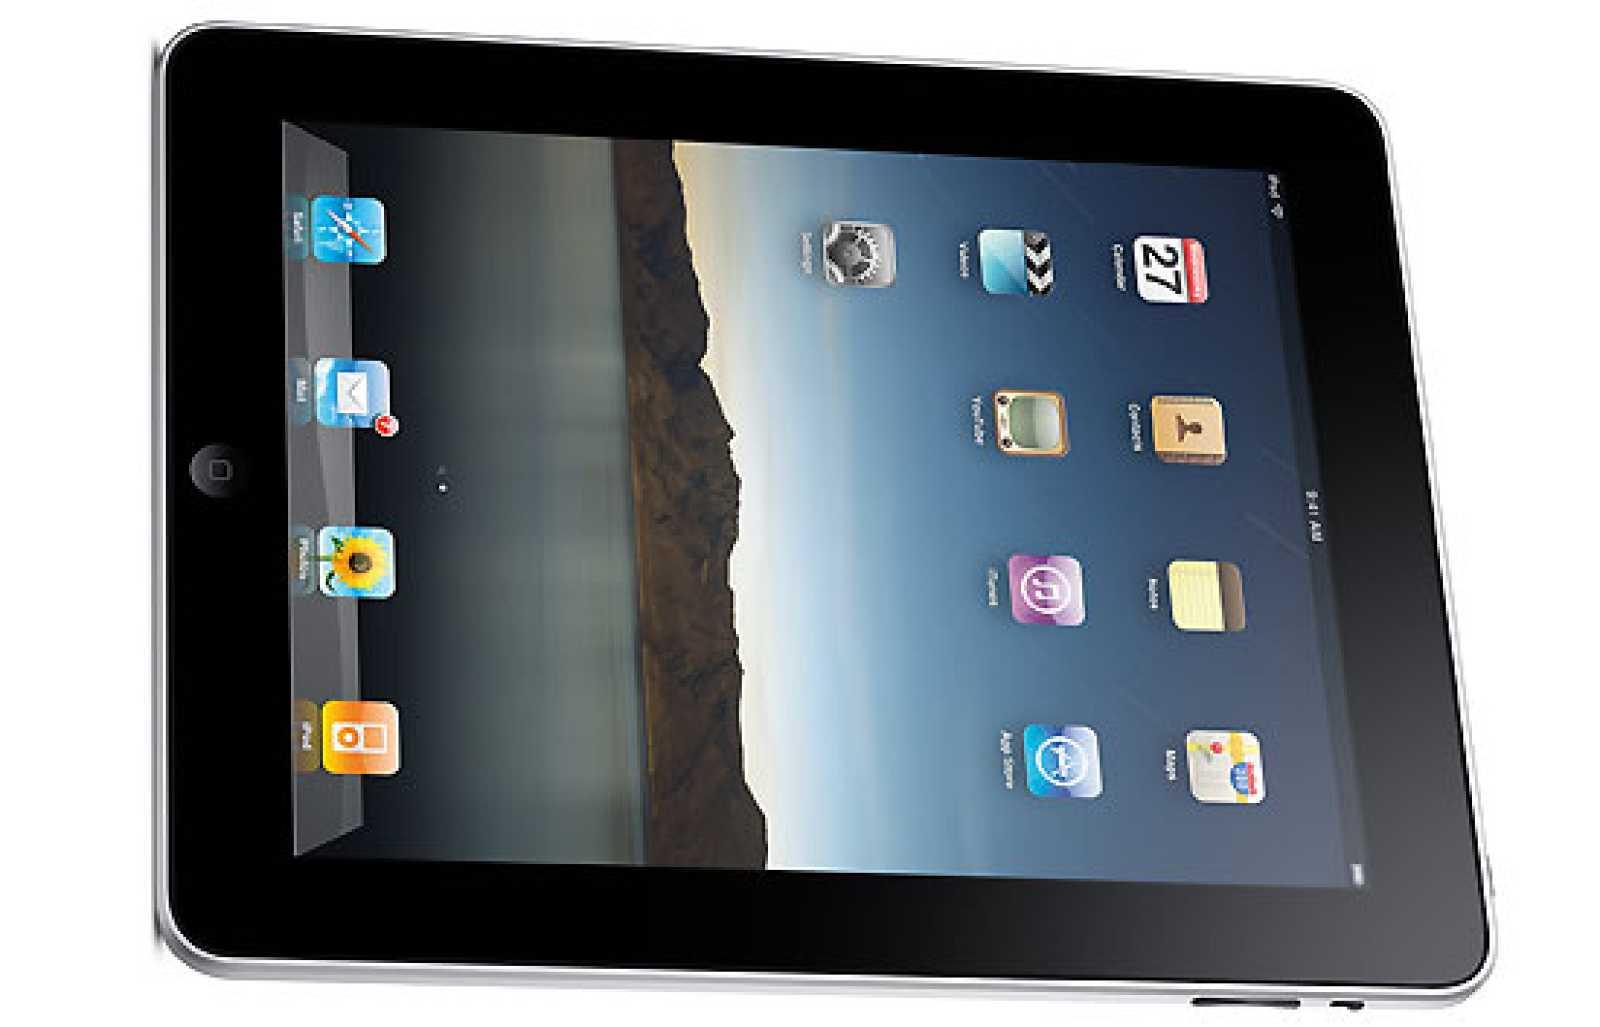 """Así es el nuevo tablet de Apple """"un producto mágico a un precio rompedor"""". Así resumía Steve Jobs lo que es, y lo que supone, el iPad, nombre oficial del esperado tablet presentado hoy miércoles. Habrá varios modelos a partir de 499 dólares (unos 355"""